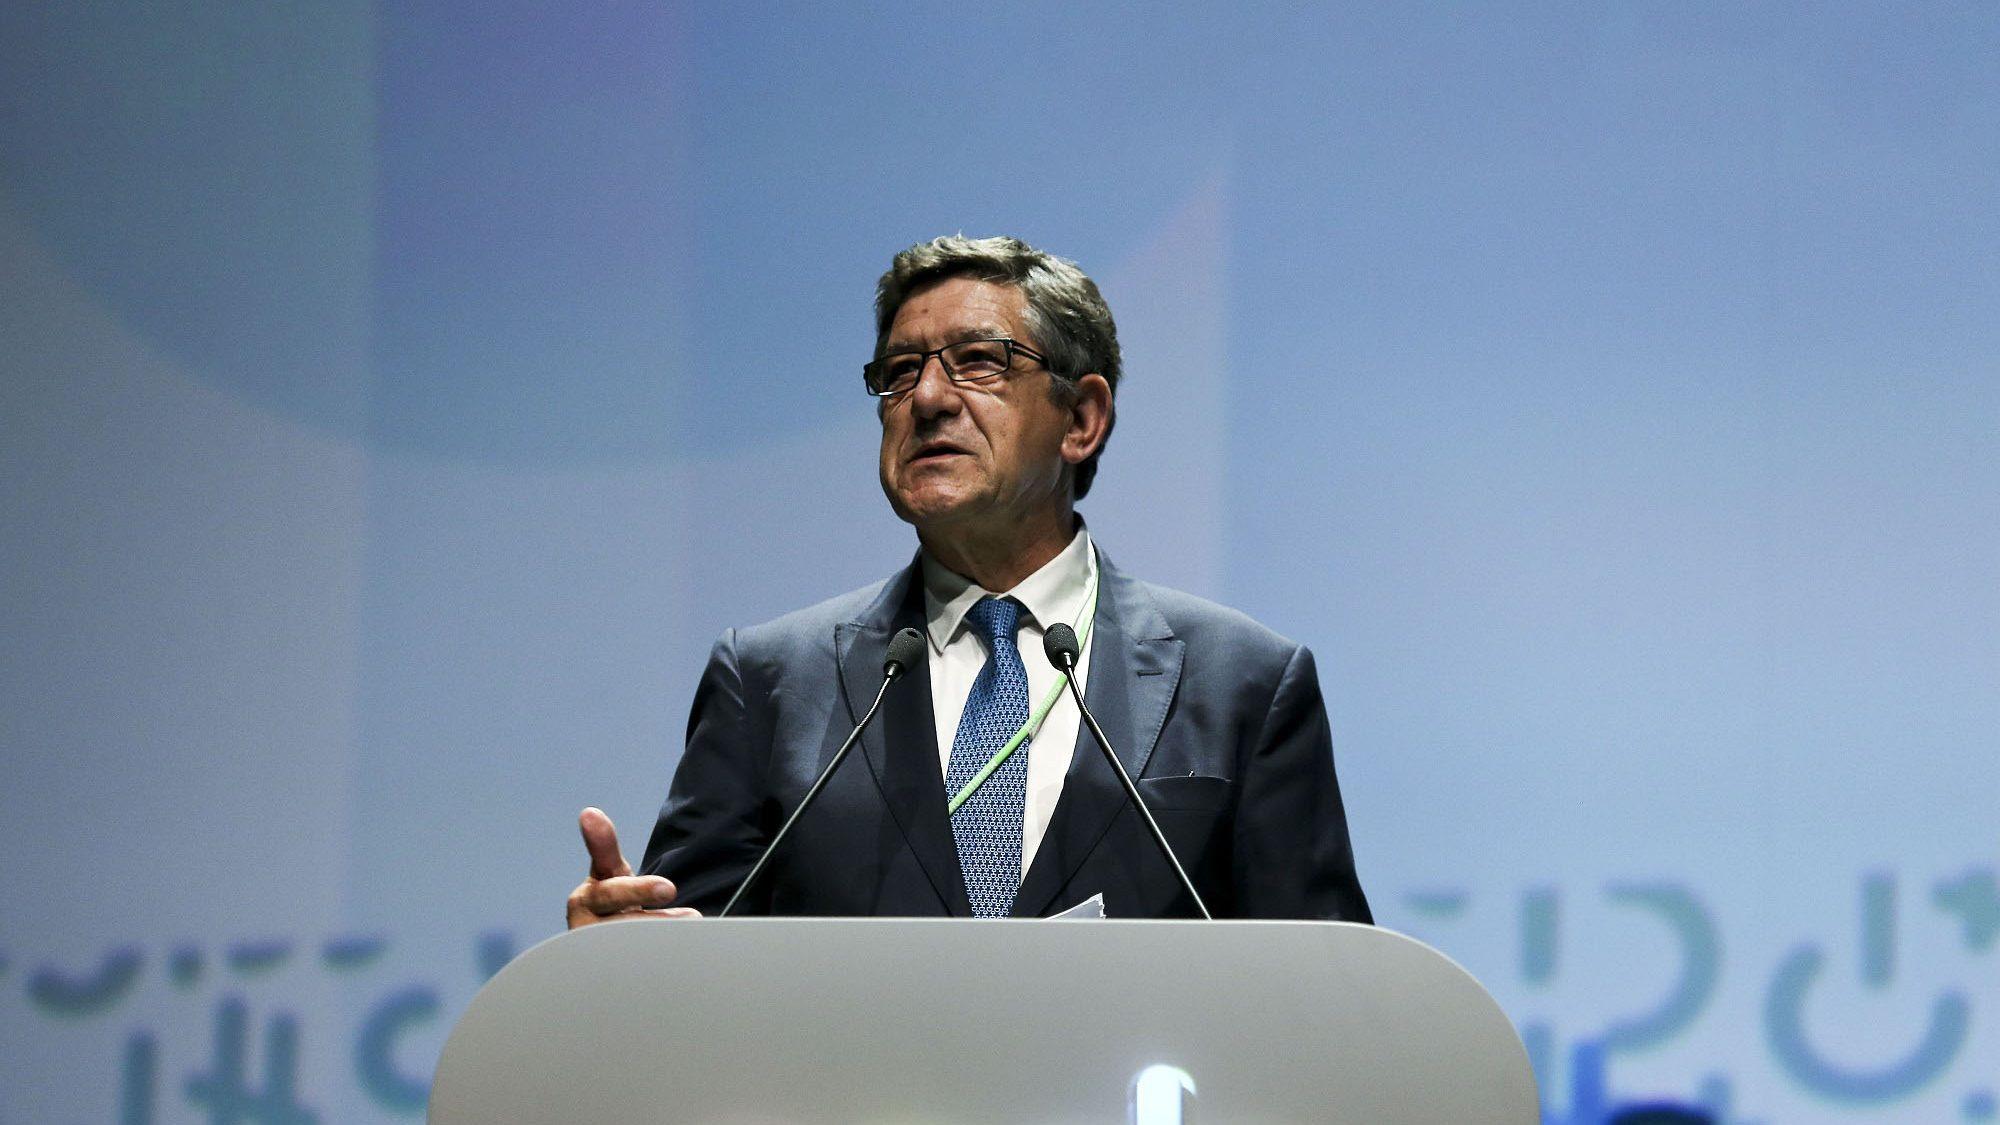 Técnicos da ERC temem que Altice bloqueie TVI à concorrência. O que diz o parecer?